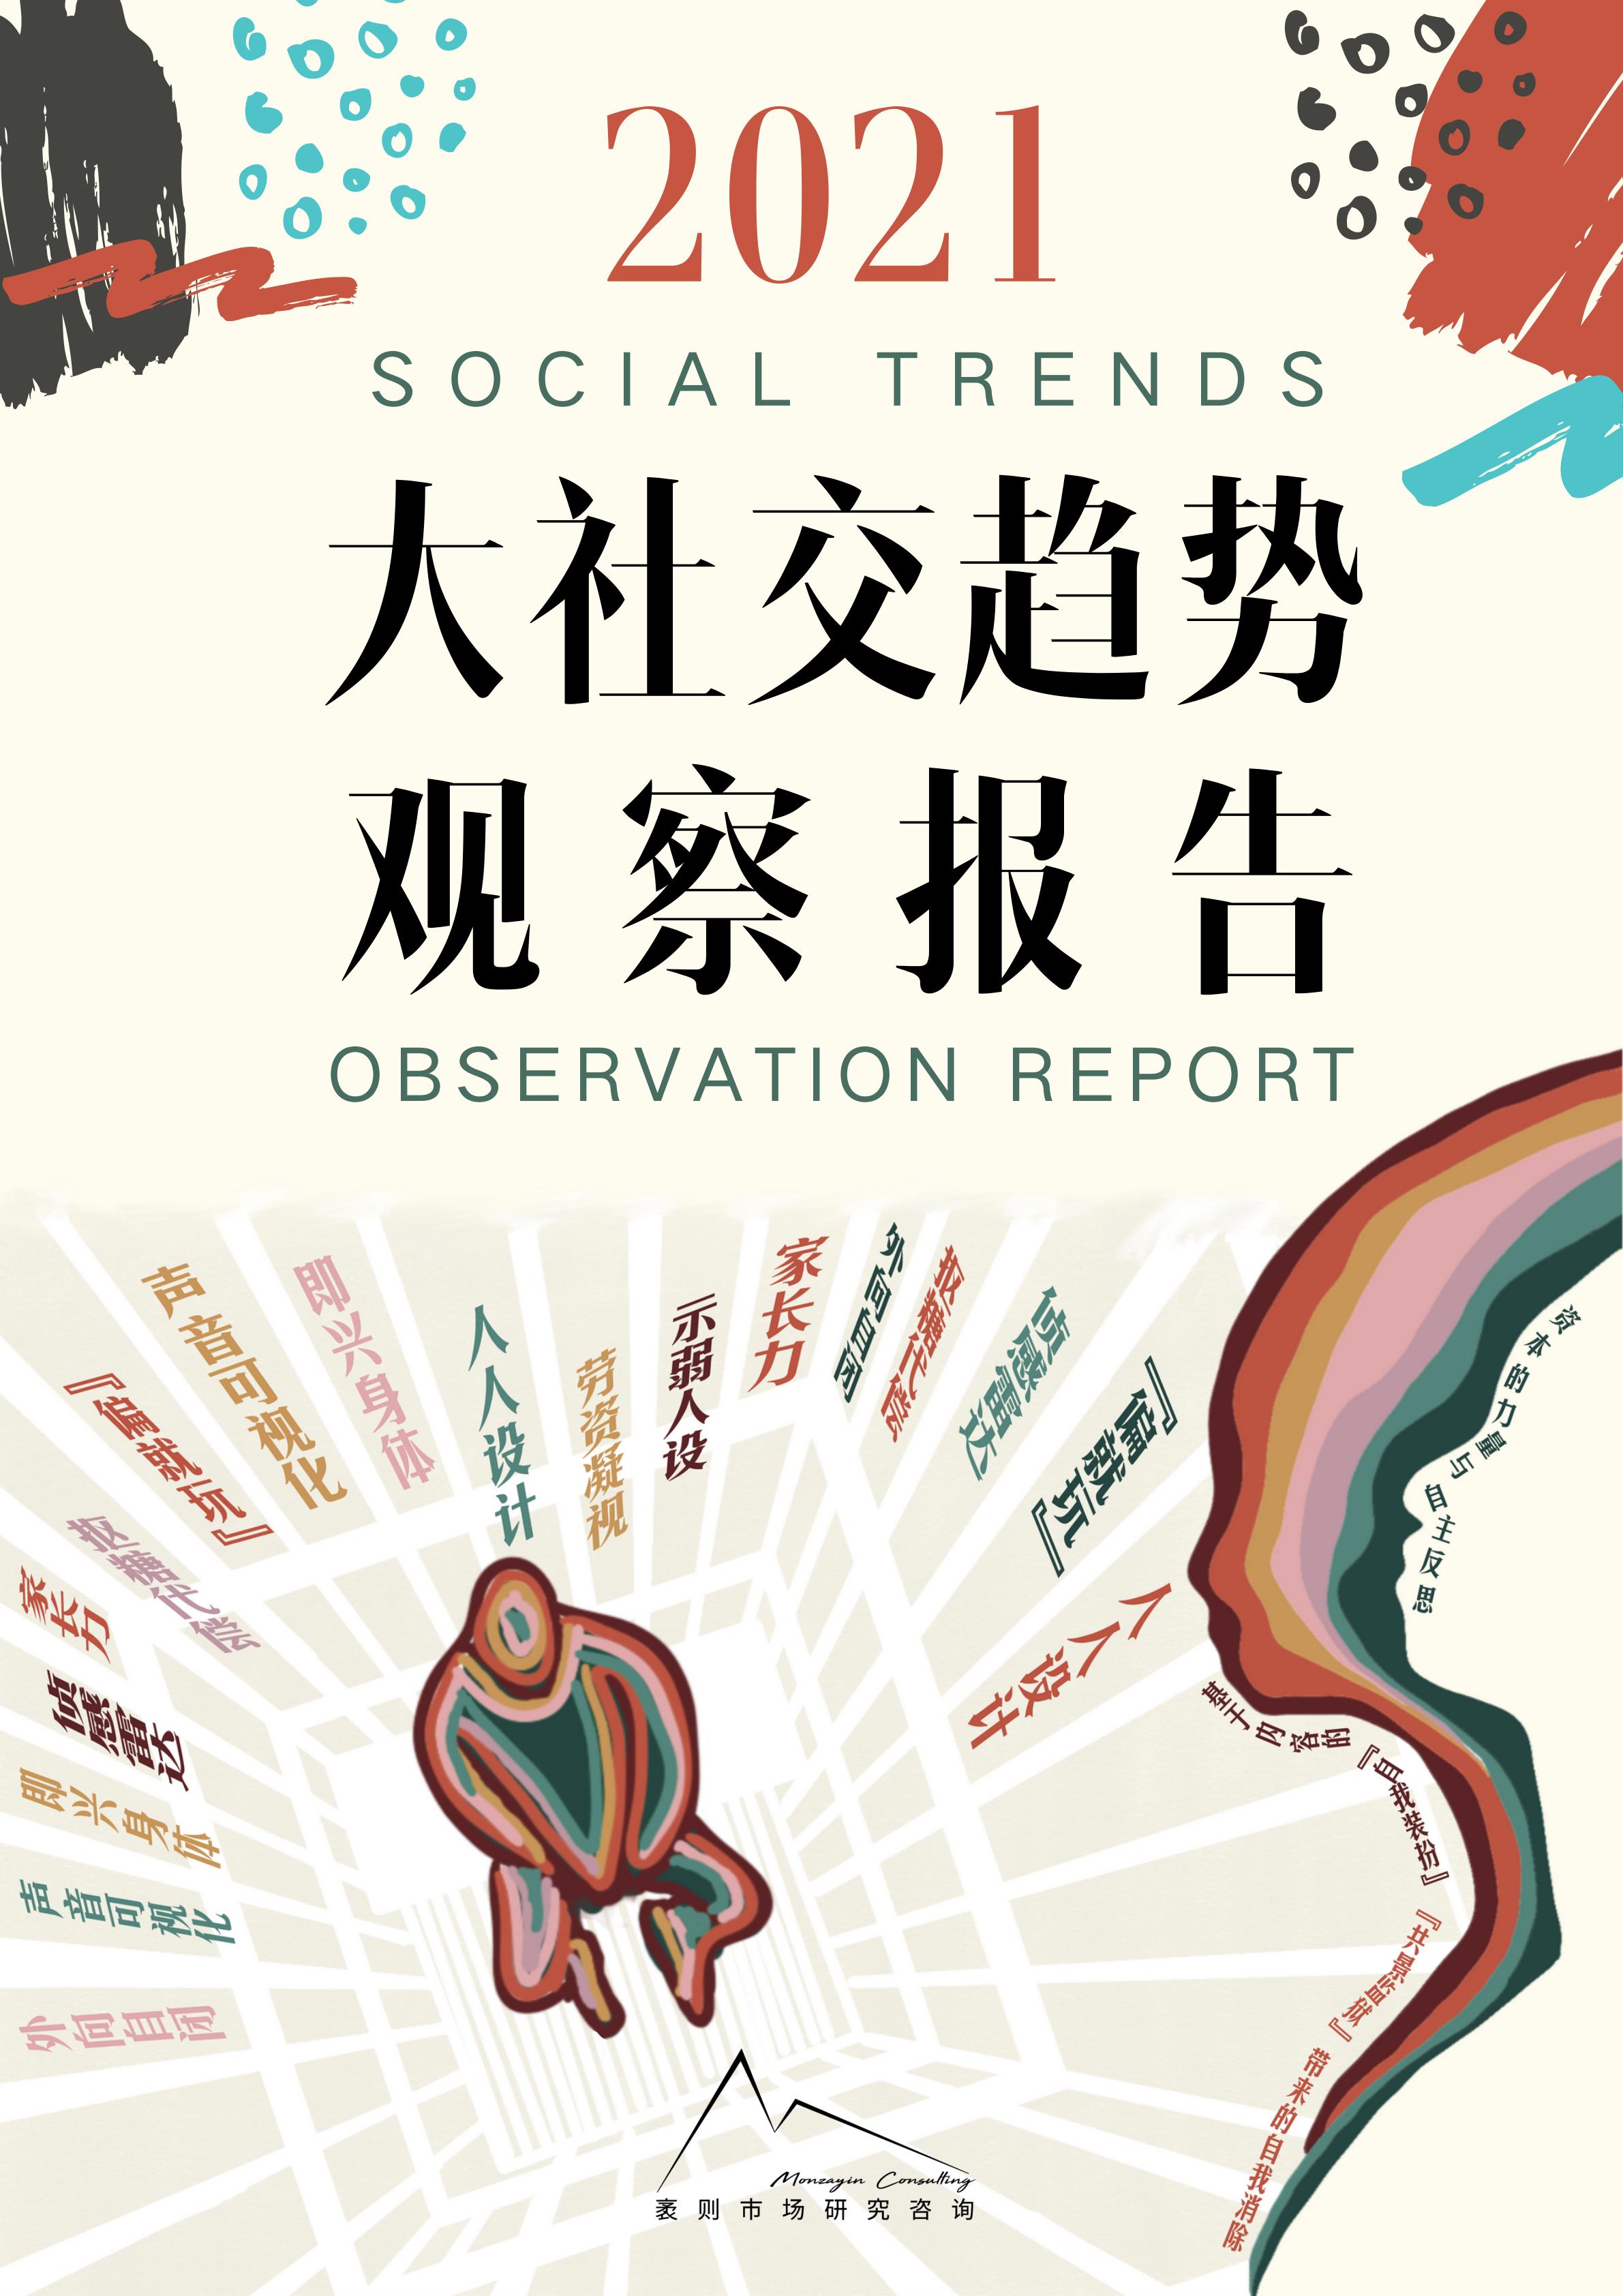 2021大社交趋势观察报告